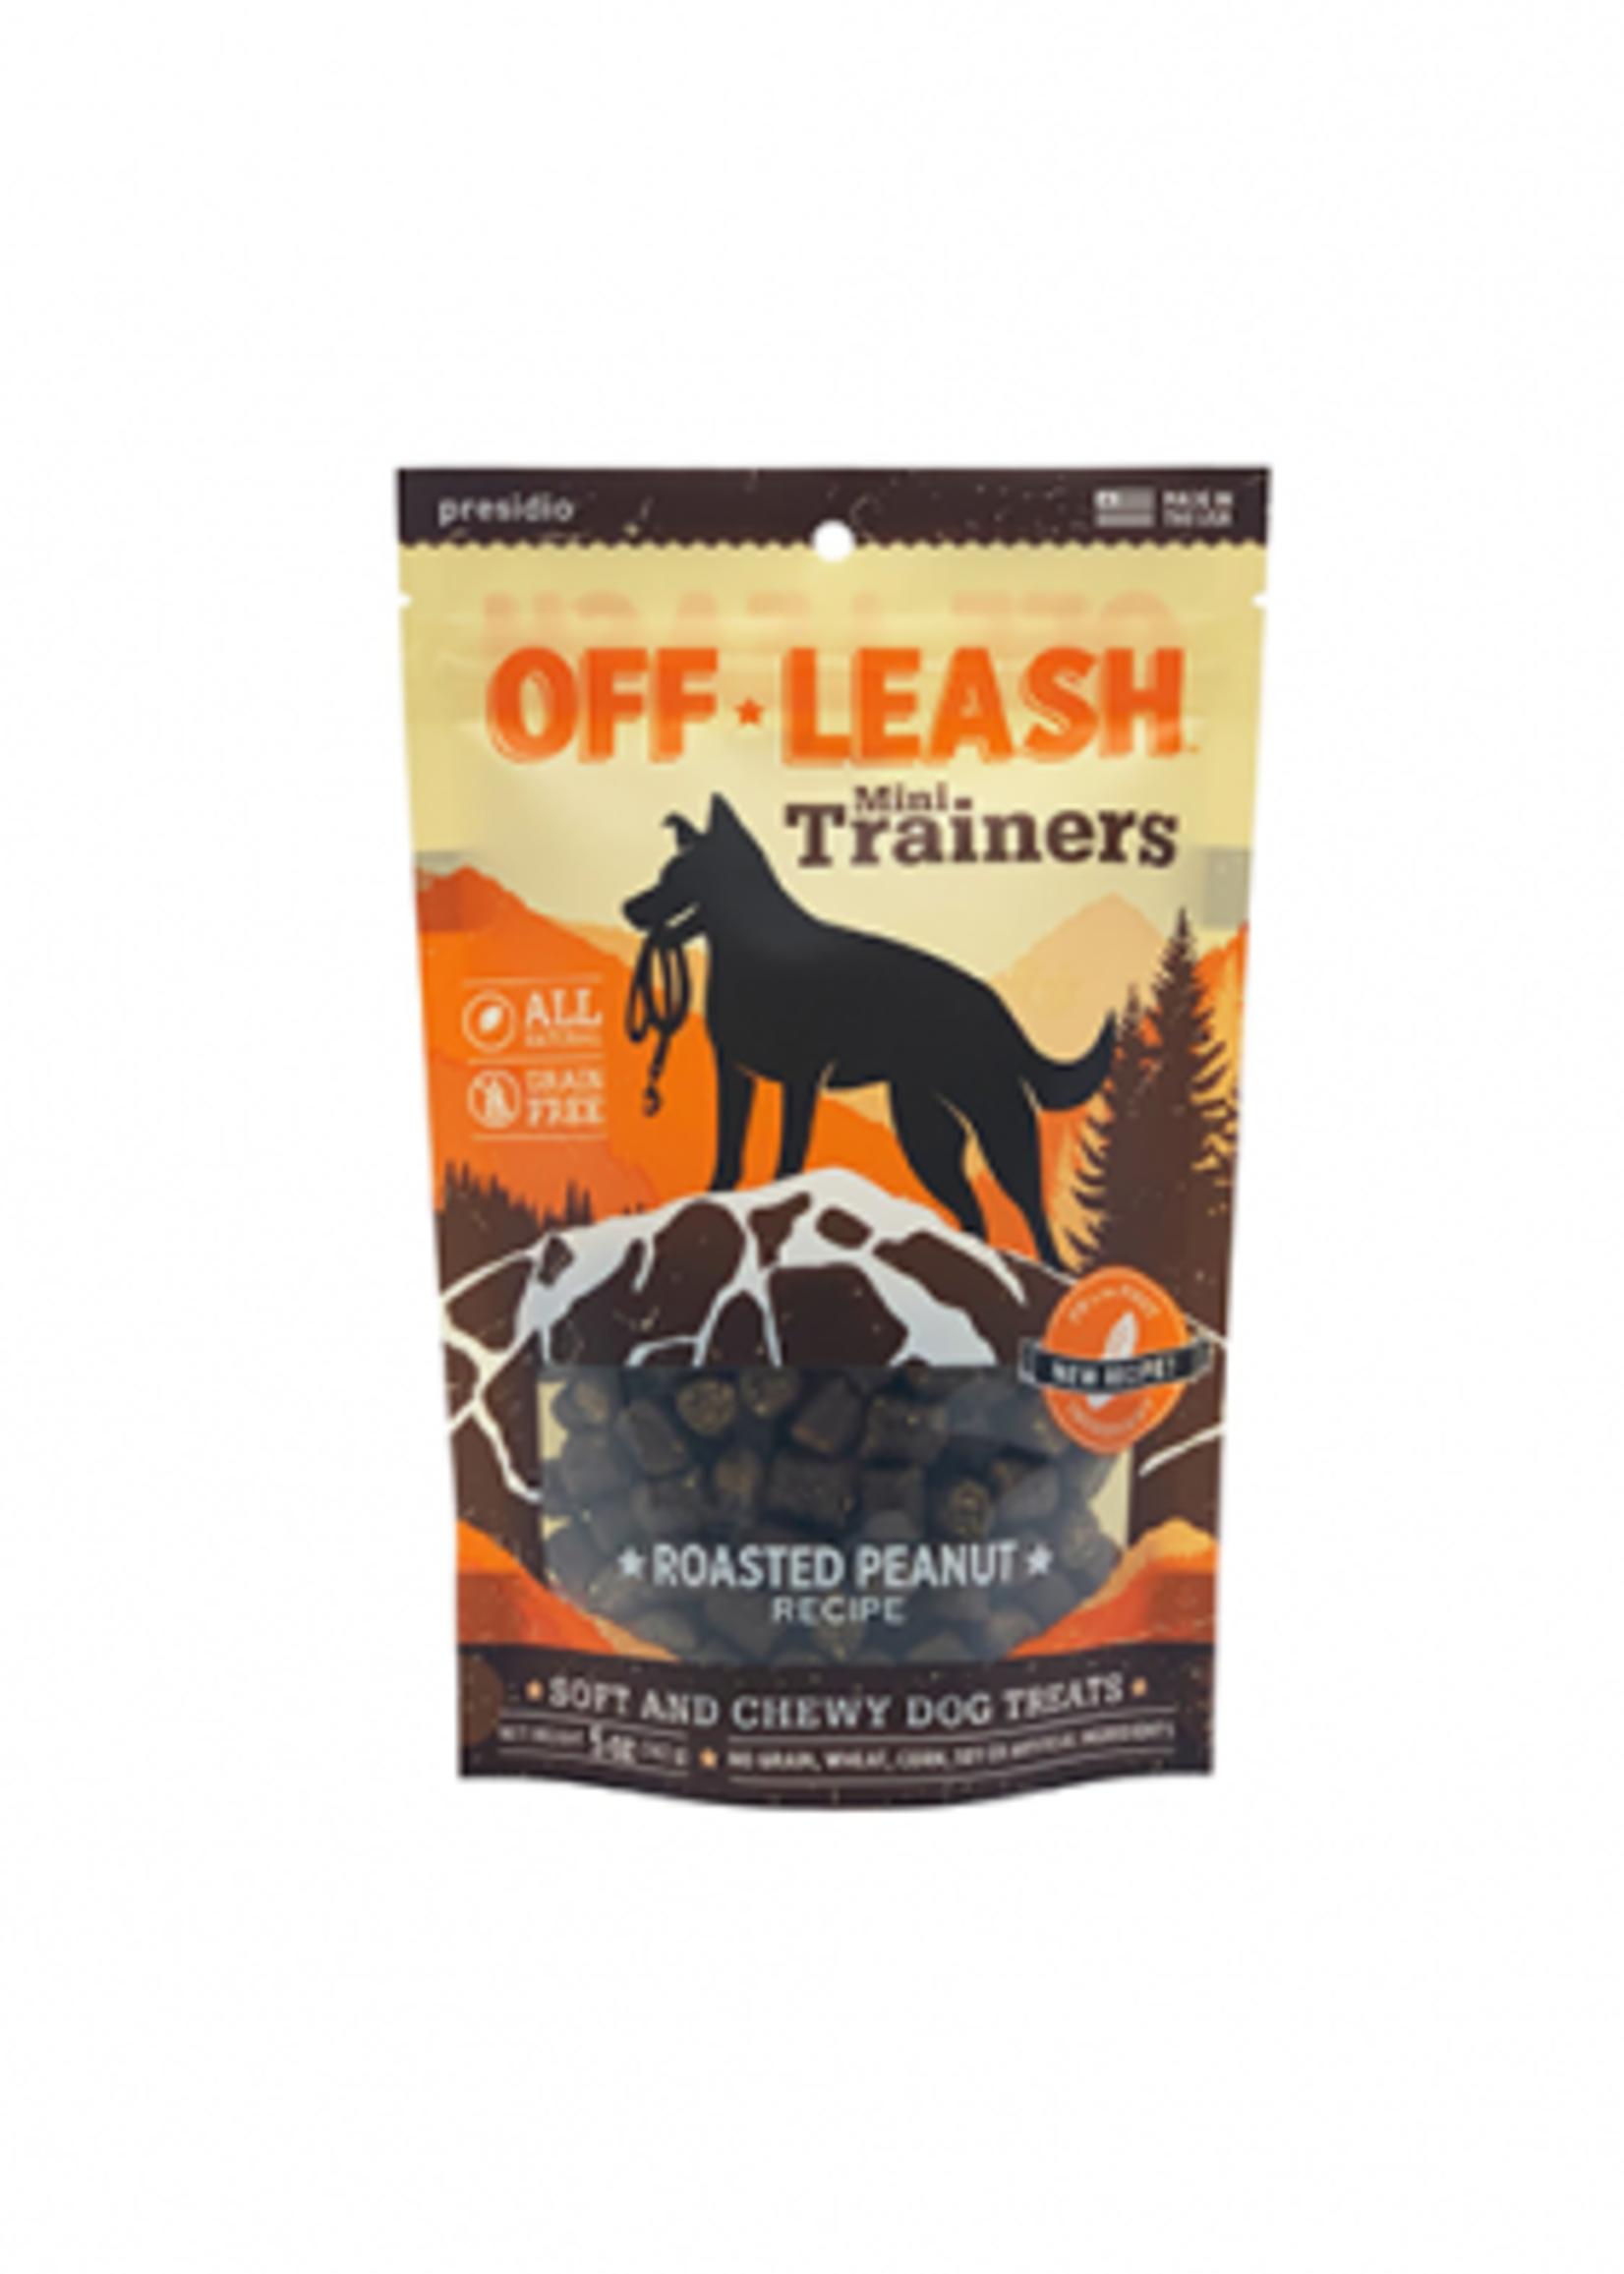 Off-Leash™ Presidio Off-Leash Mini Trainers Roasted Peanut 5oz